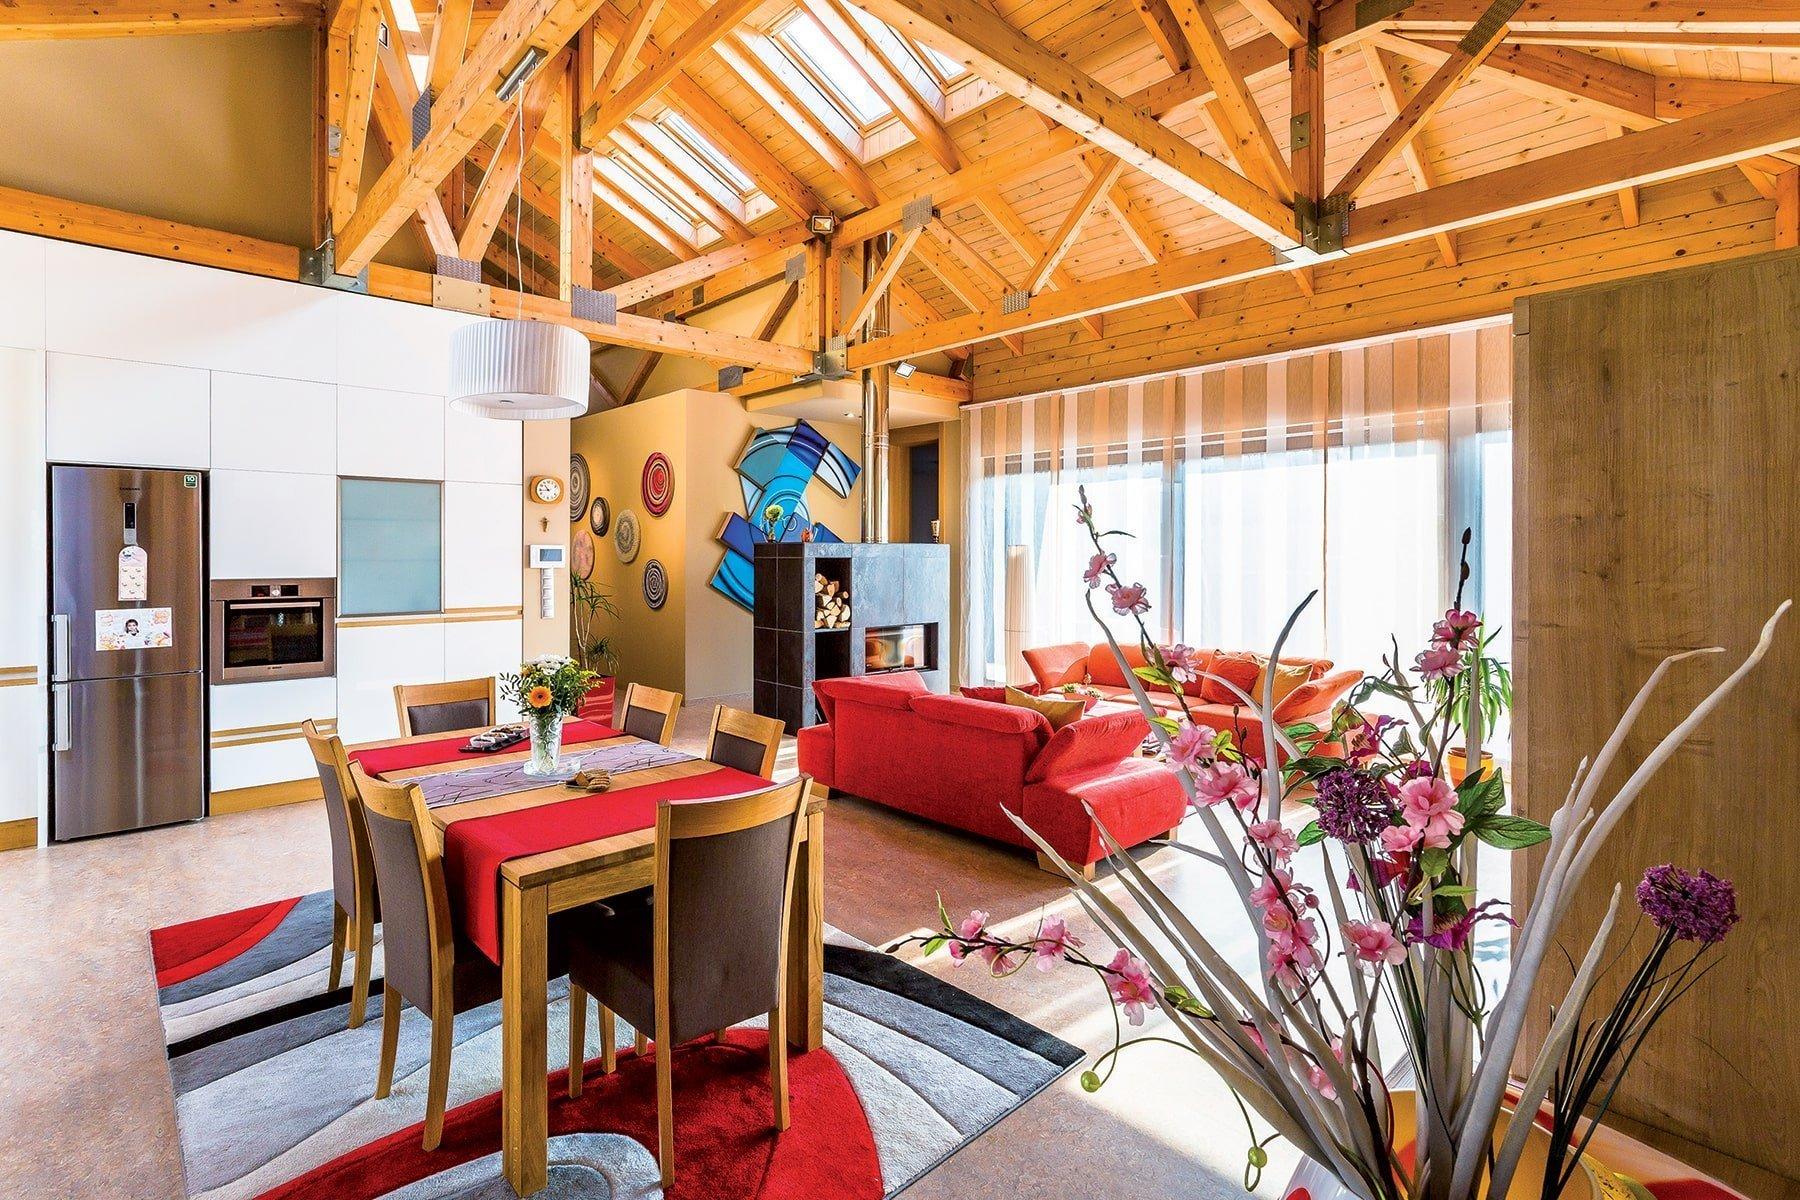 Bydlení plné světla a čerstvého vzduchu. Otevřená dispozice, ale i blízkost k přírodě. Přesně toto jsou trendy současného bydlení. Jeden takový dům se nachází i v jedné vesničce nedaleko Košic. Jistě budete překvapeni, jak skvěle tento bungalov vypadá.